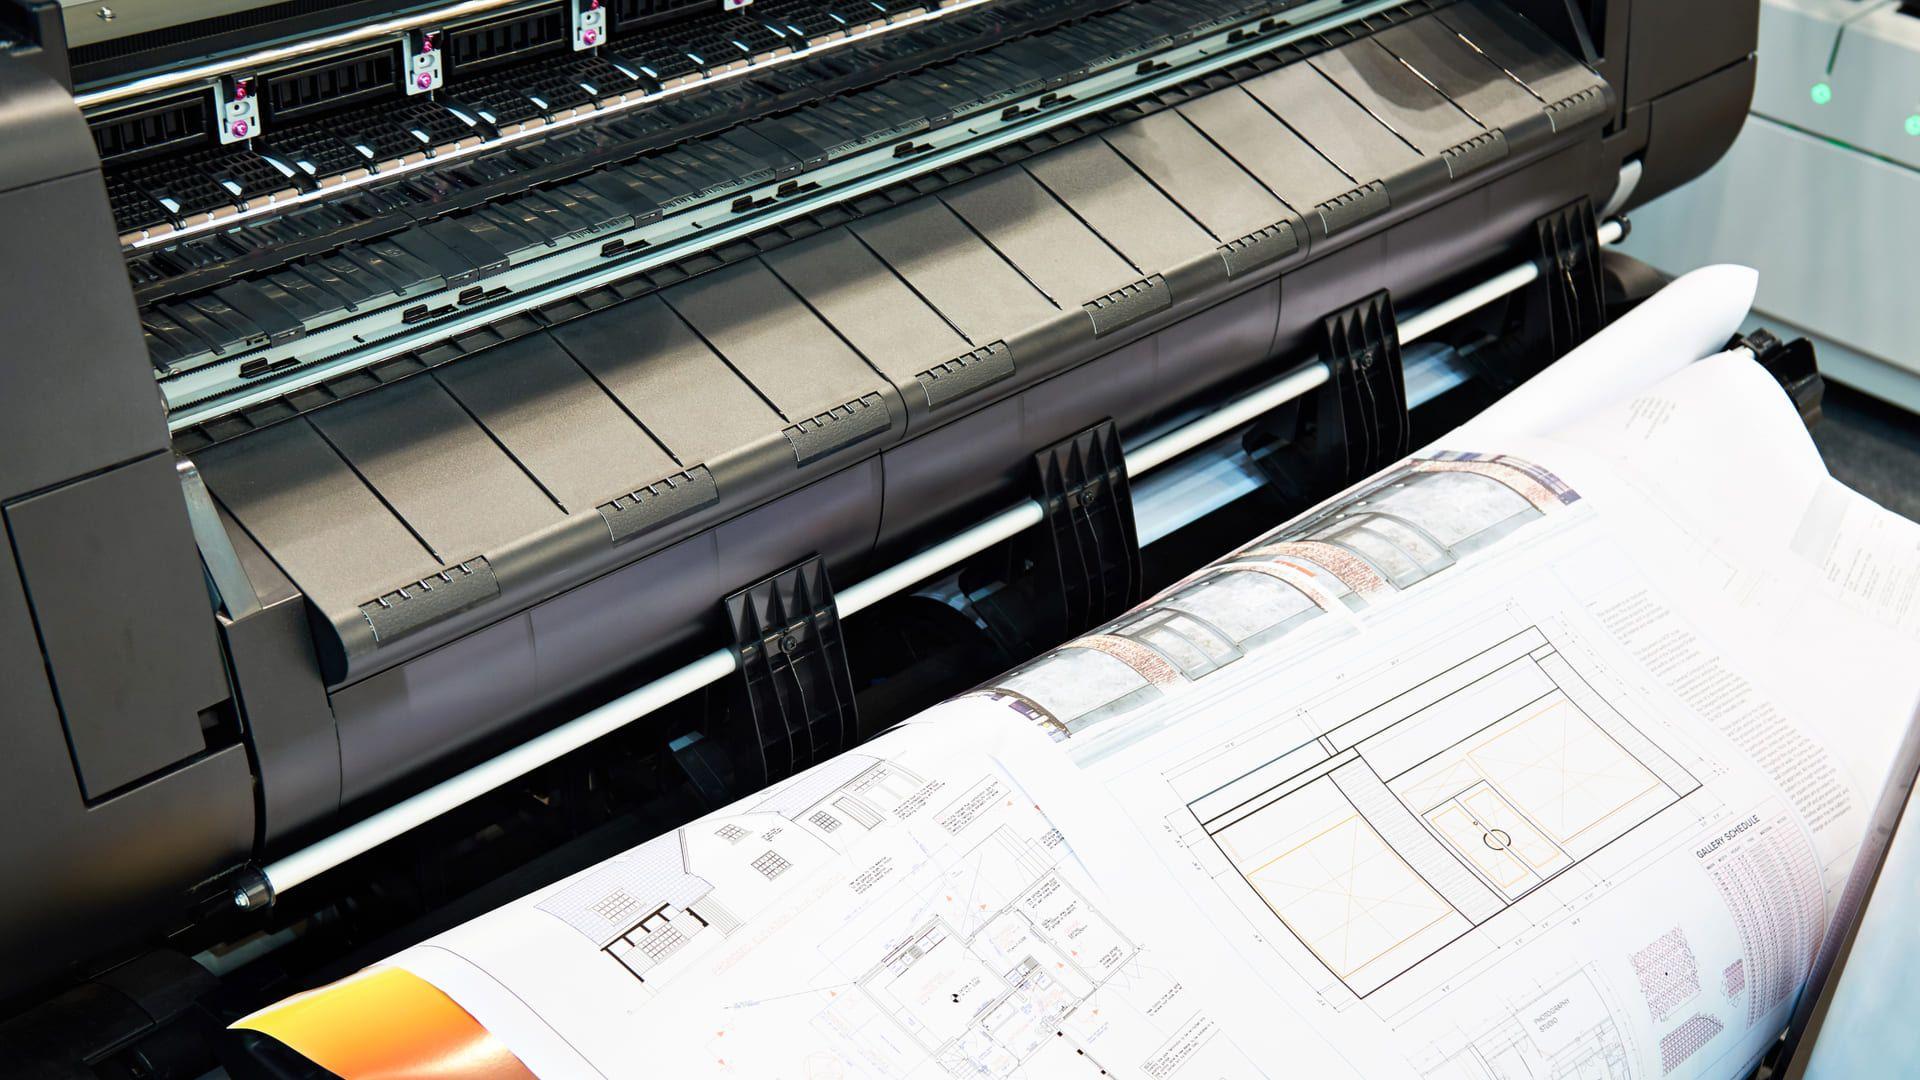 Confira também a impressora plotter de recorte (Foto: Reprodução/Shutterstock)